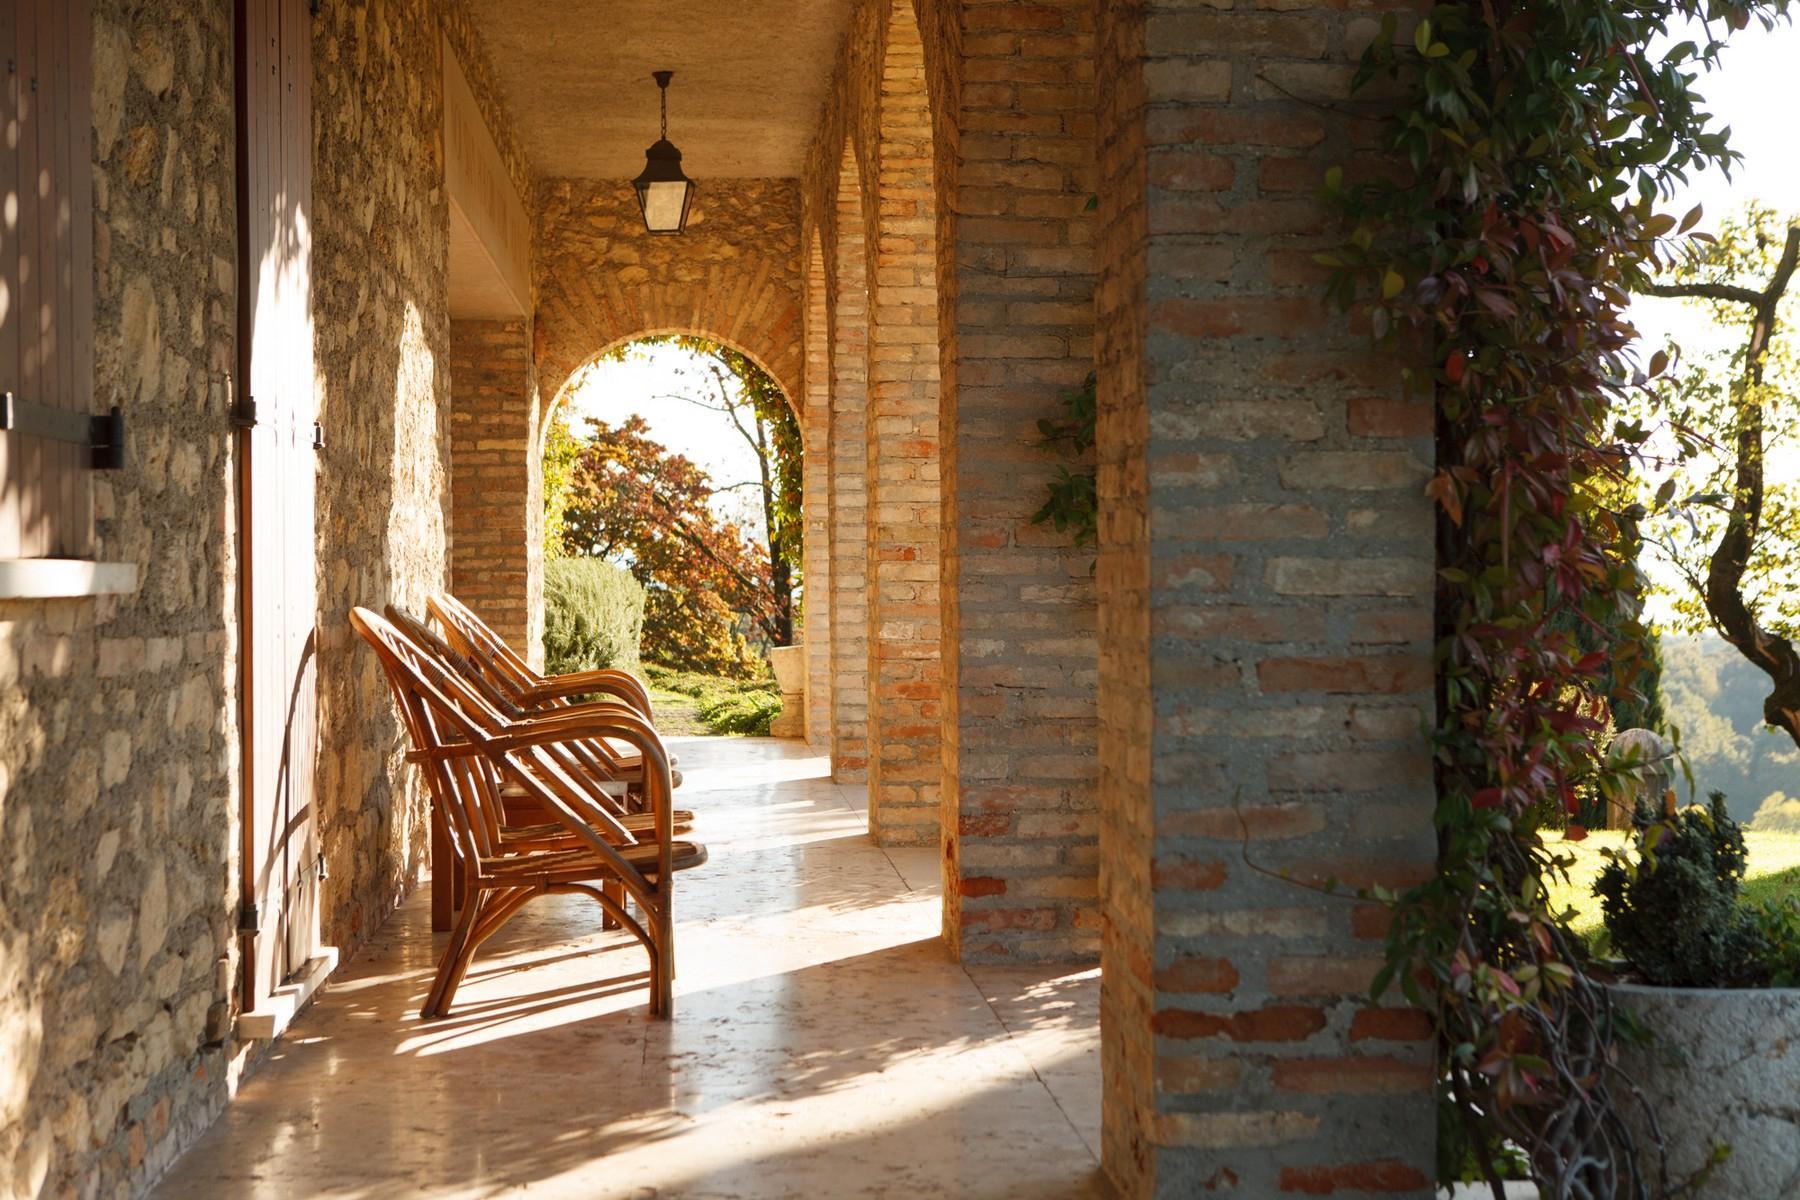 Spettacolare villa con piscina con vista totale sui colli asolani - 9